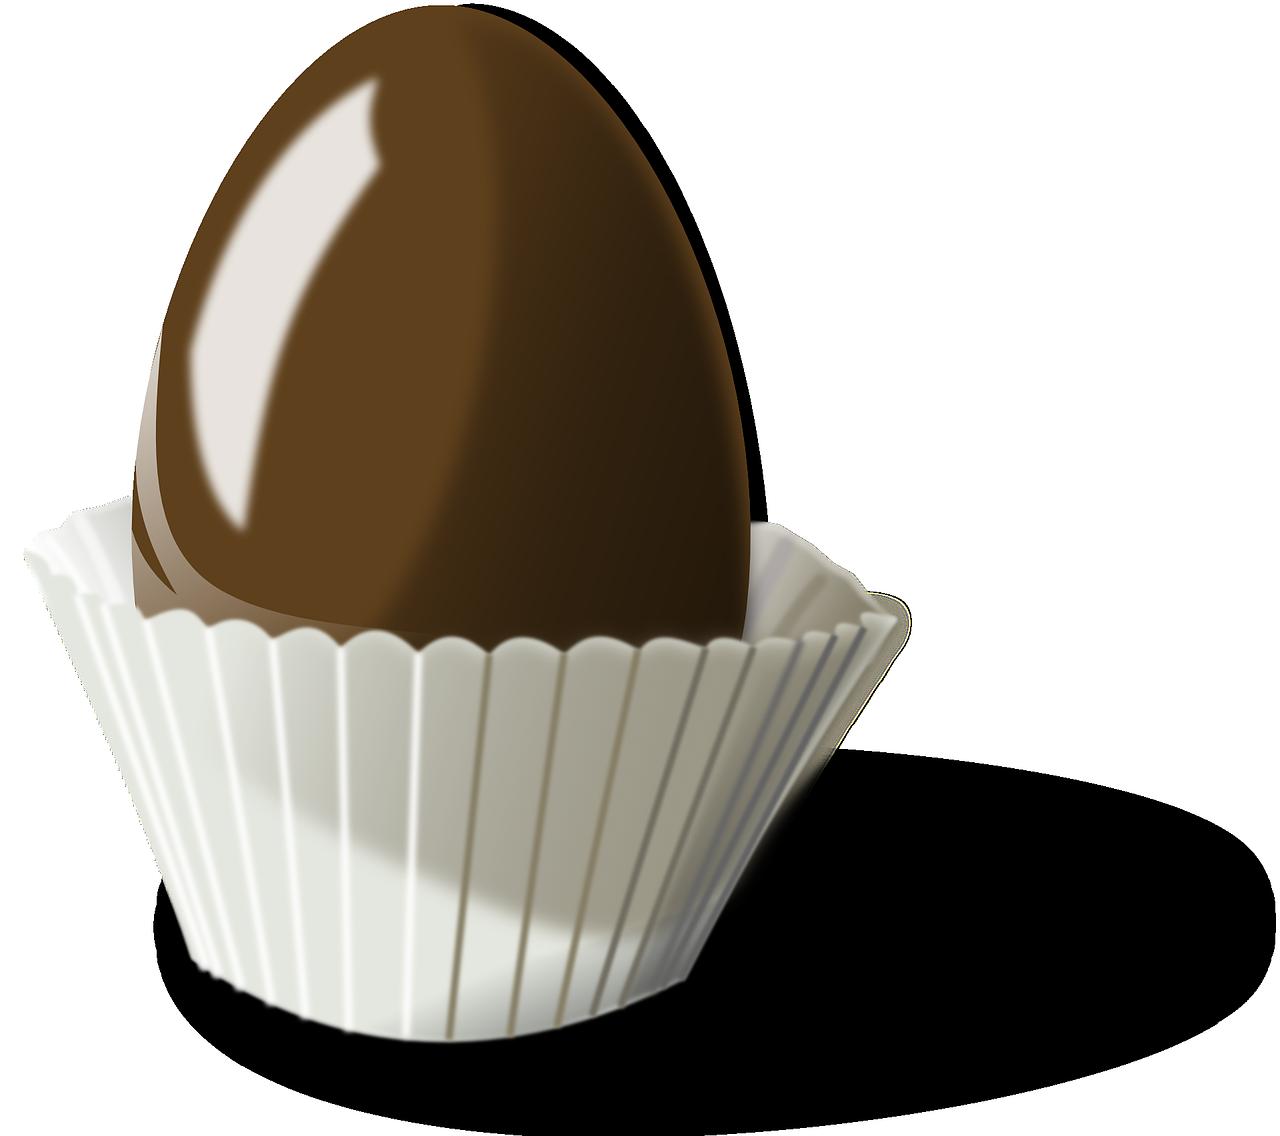 La recette des Oeufs de Pâques fourrés